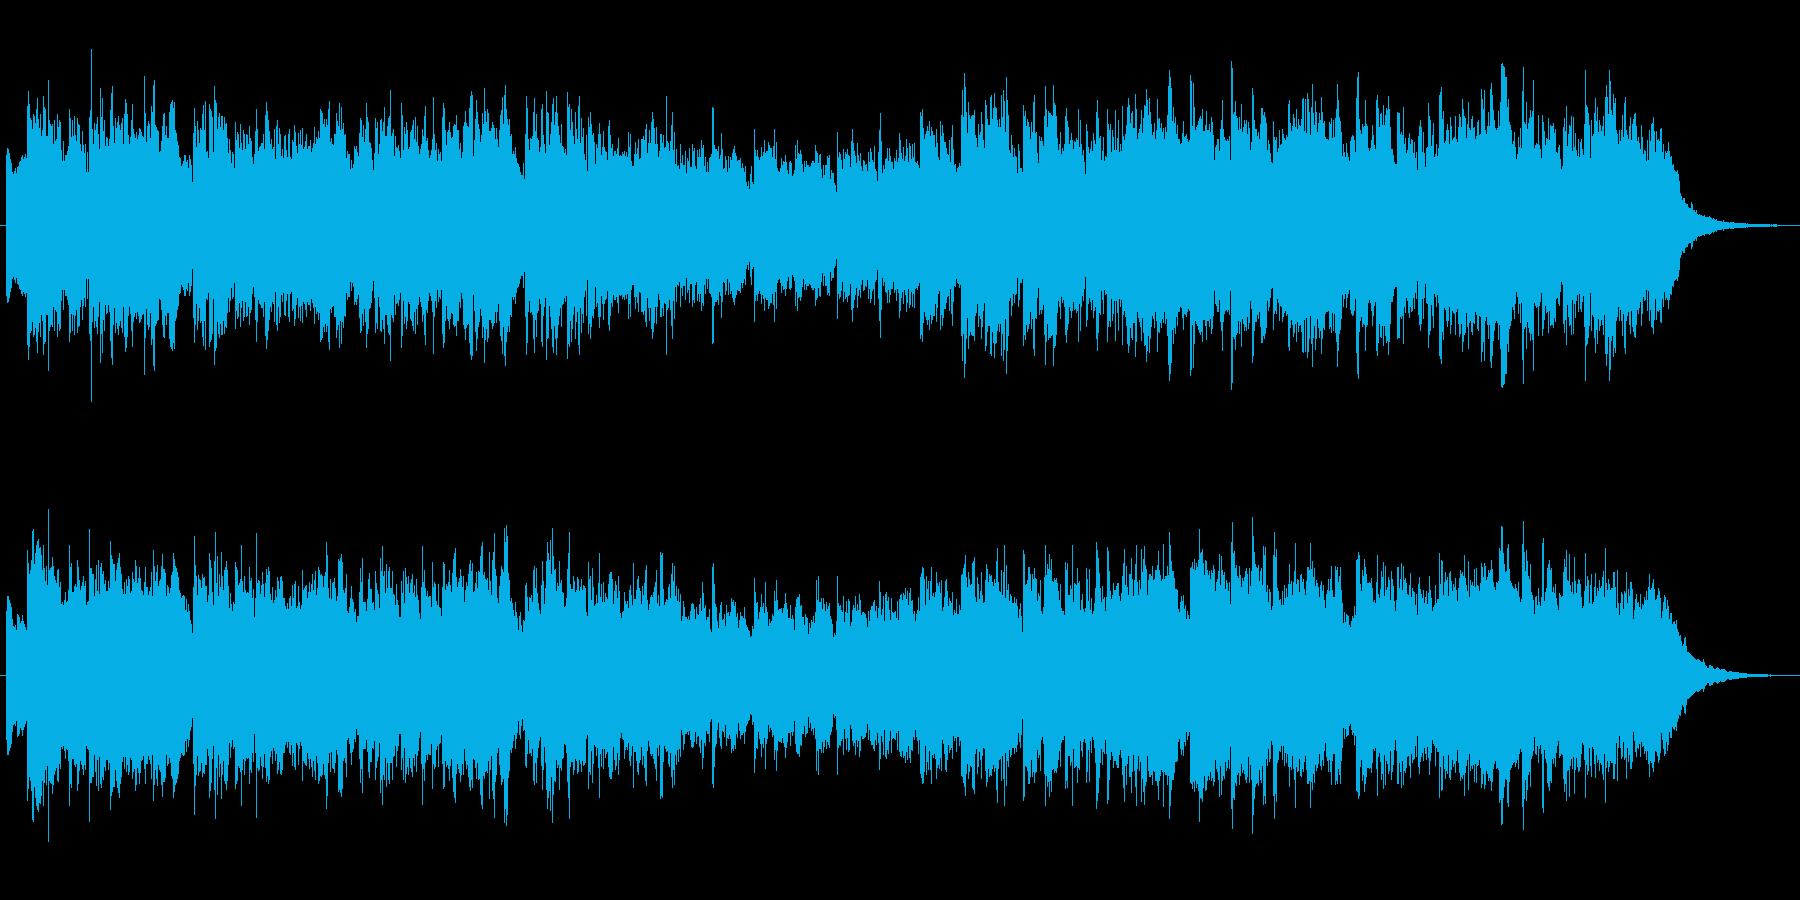 シンセブラスの印象的なジングル2の再生済みの波形